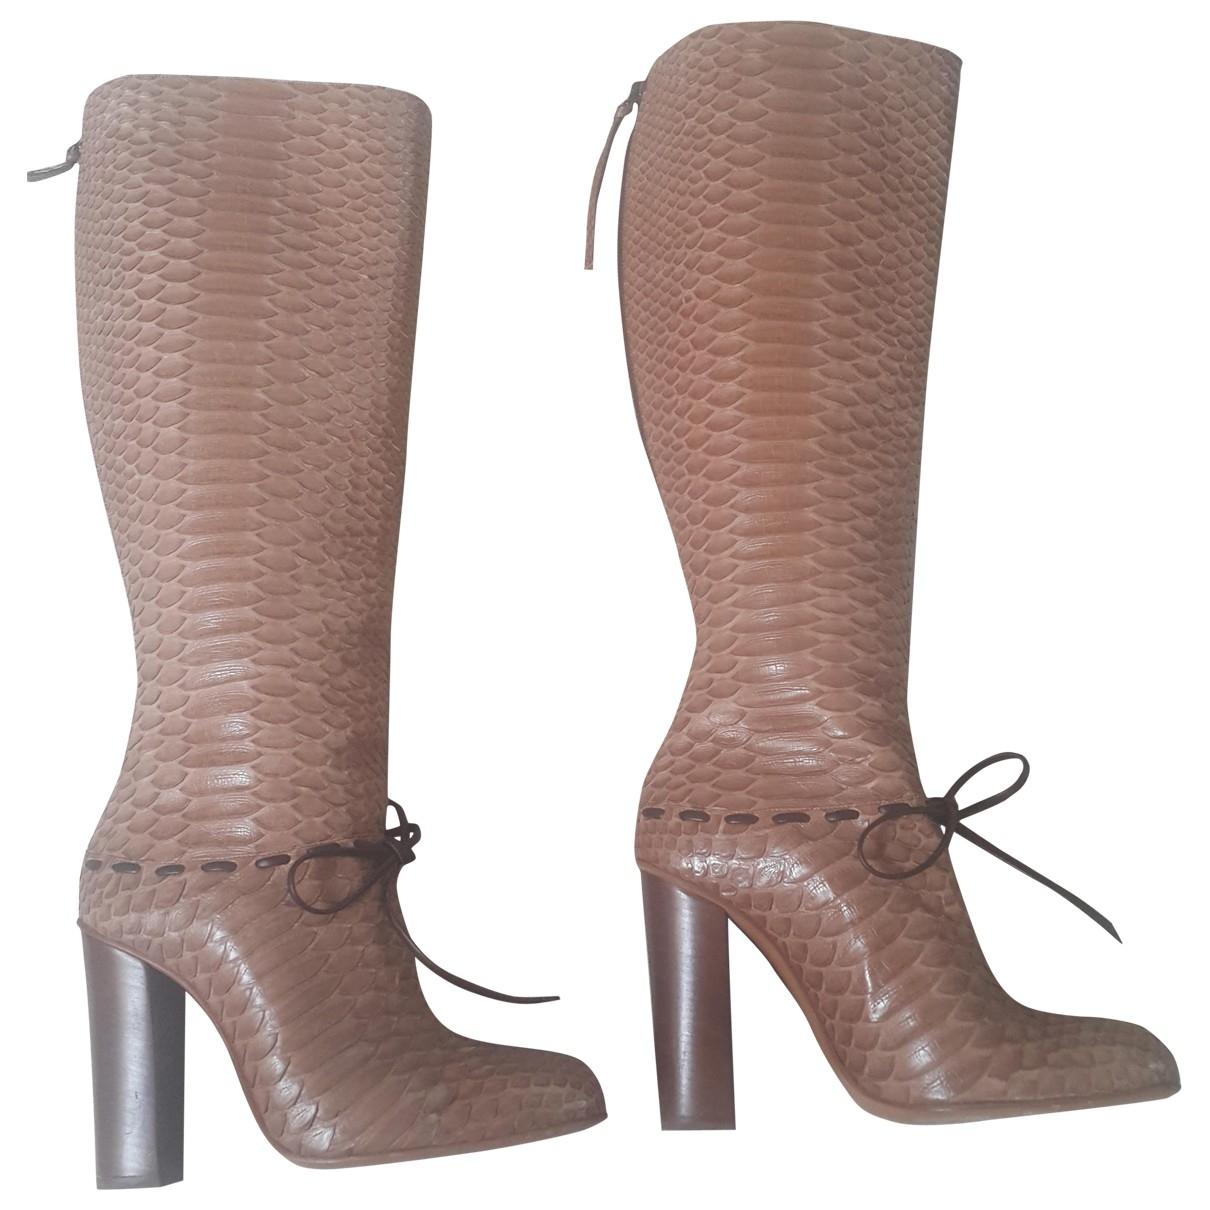 Chloe - Bottes   pour femme en python - camel